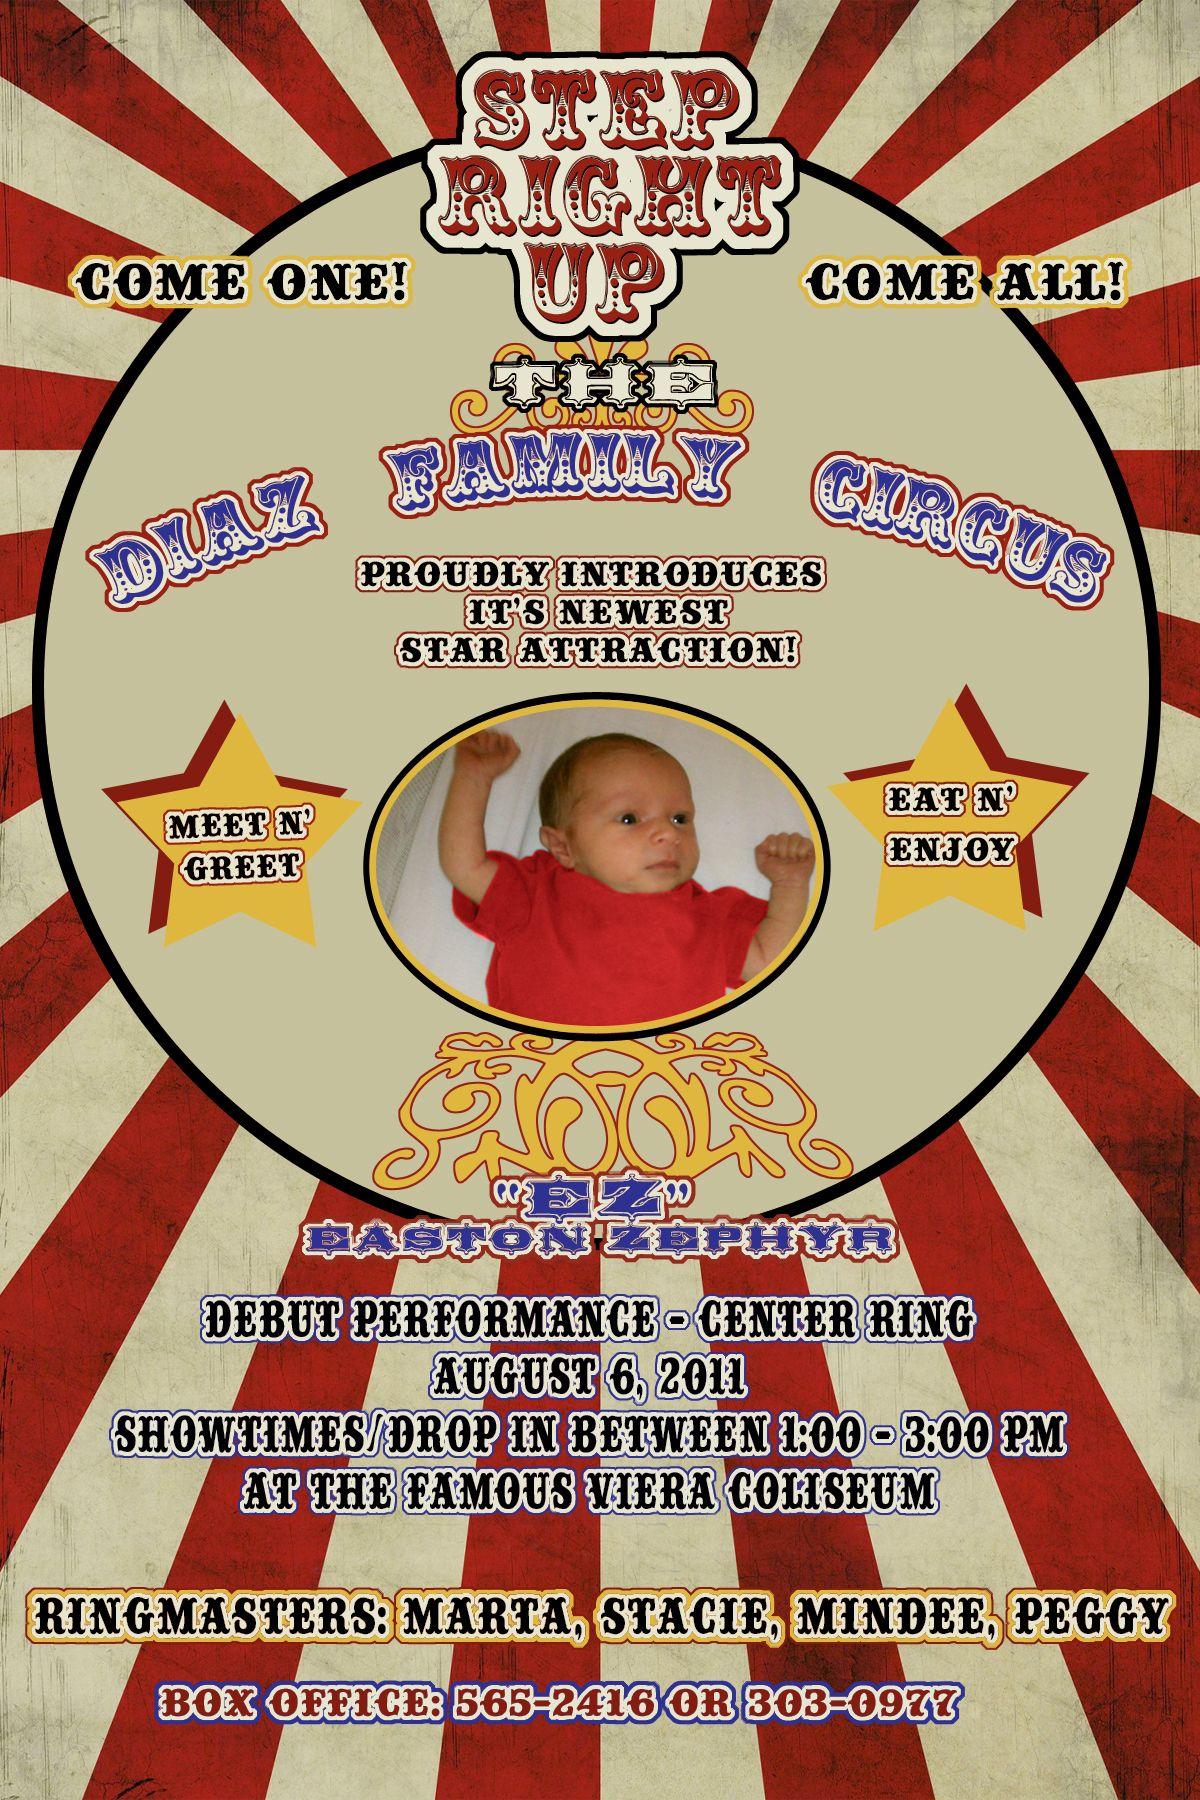 Circus baby meet n greet invite abcdiazs03gmail amys circus baby meet n greet invite abcdiazs03gmail m4hsunfo